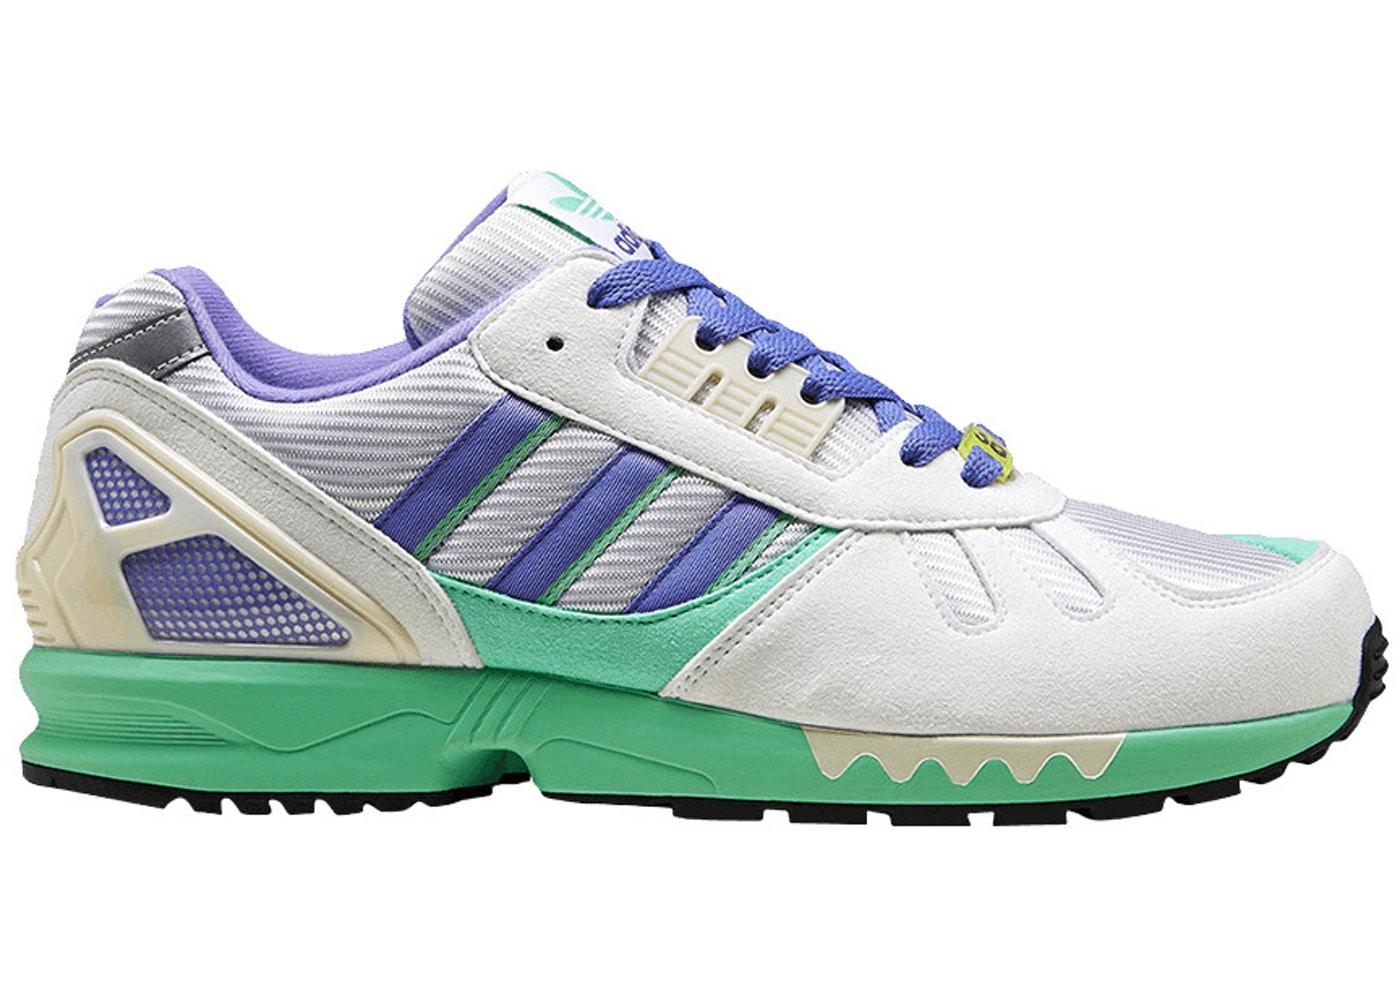 メンズ靴, スニーカー  ADIDAS ZX 7000 30 YEARS OF TORSION WHITE LILAC GREEN